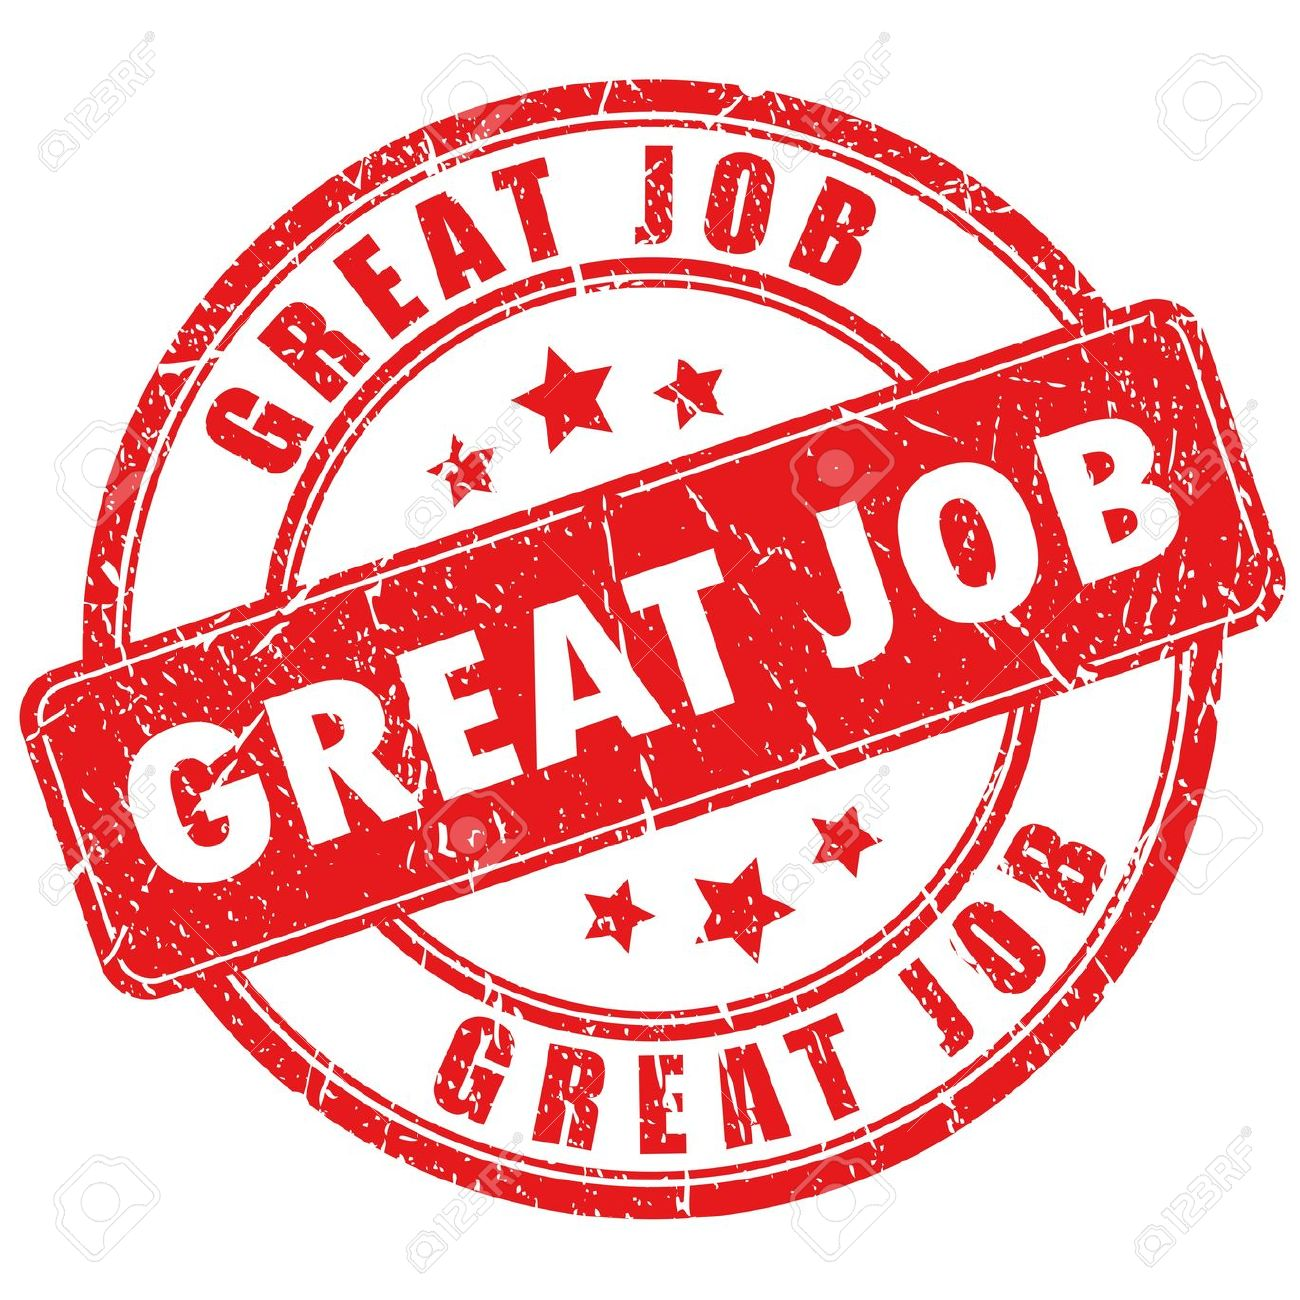 Super job images clipart svg freeuse Super job images clipart - ClipartFox svg freeuse